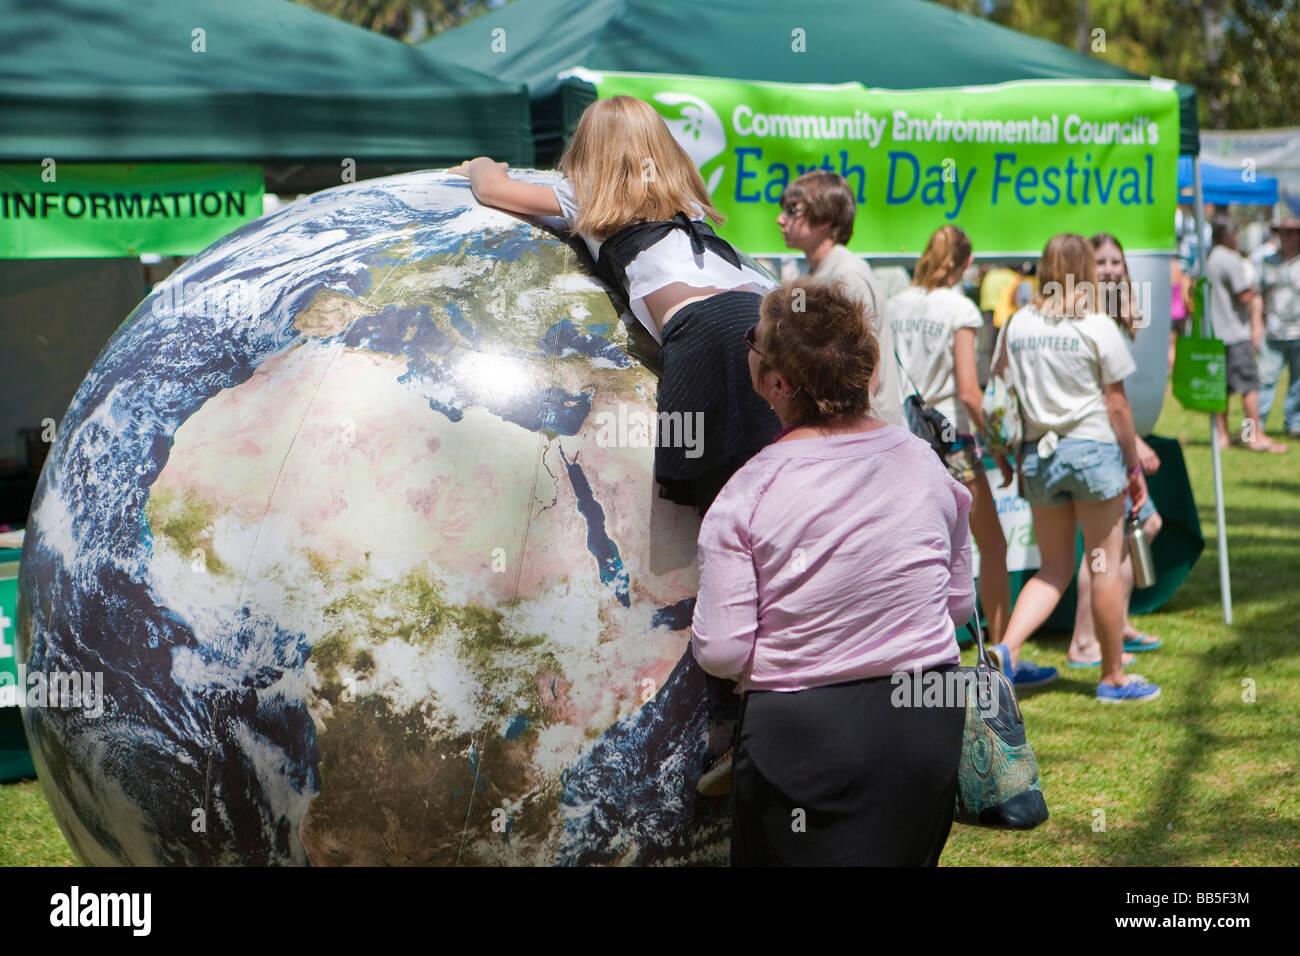 Bambini che giocano con gonfiato Globo mondo Earth Day celebrazione di Santa Barbara in California negli Stati Uniti Immagini Stock